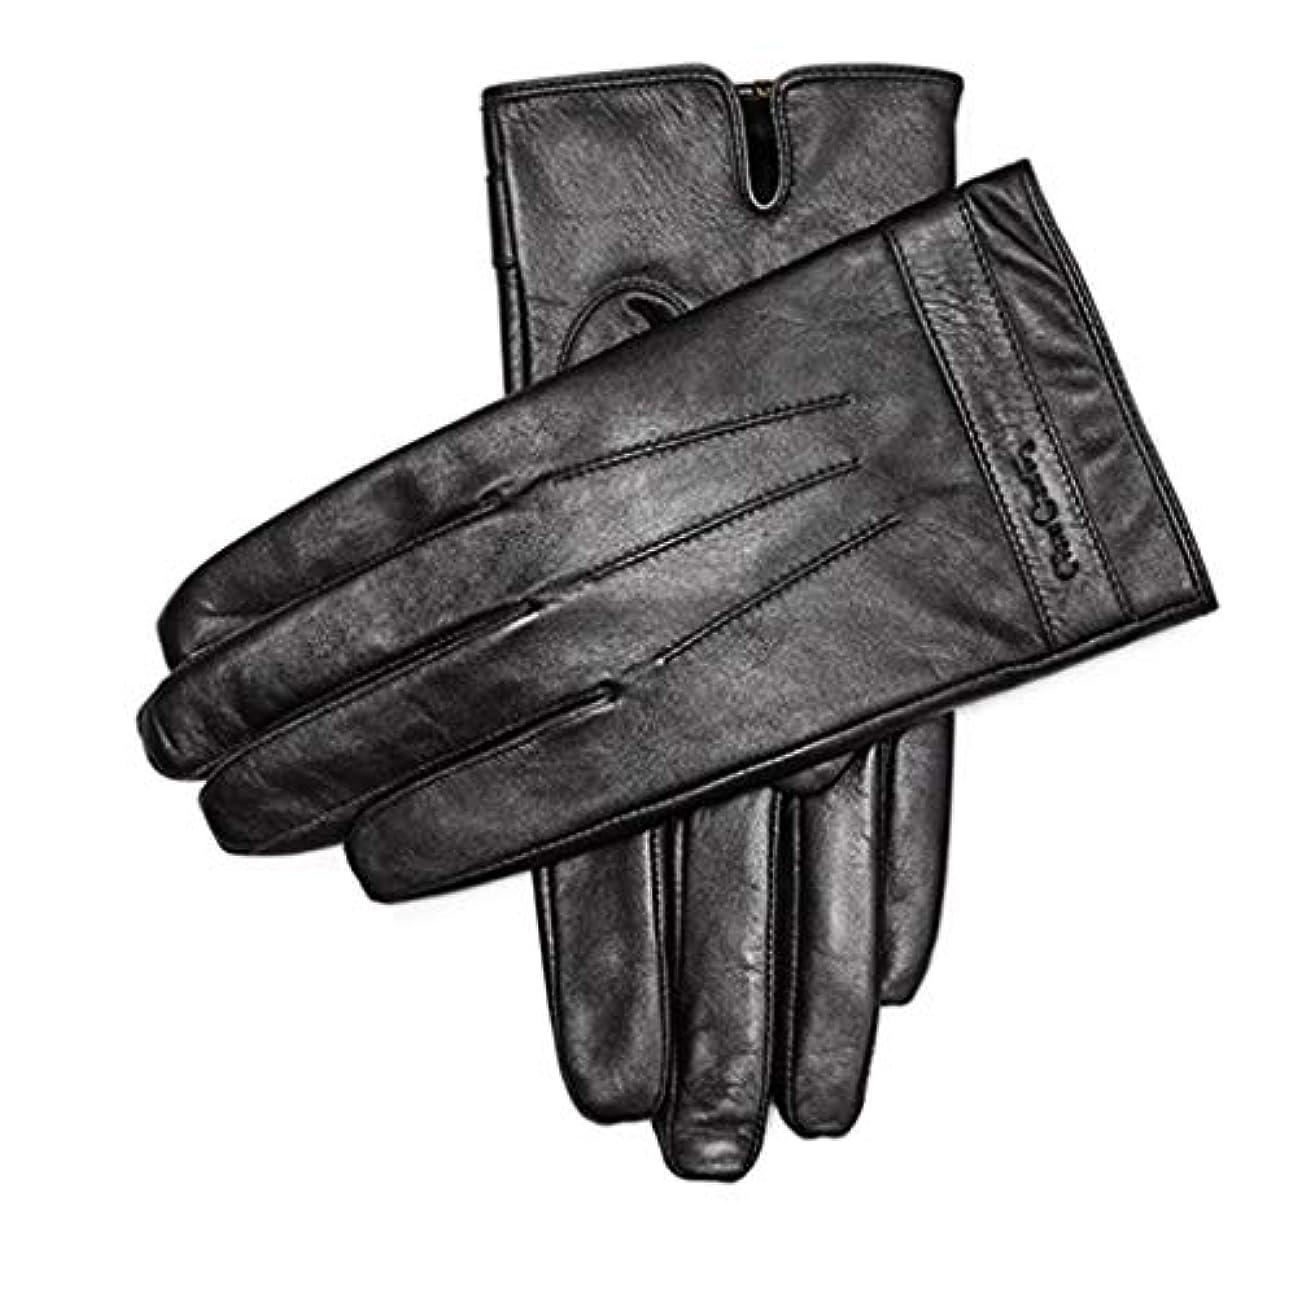 広がり練習した先住民手袋暖かい肥厚プラスベルベットメンズシープスキン手袋メンズウィンターアンチスキッドサイクリングレザーグローブタッチスクリーンモデル(883191170-1厚いベルベット)L(175 / 65-70KG)